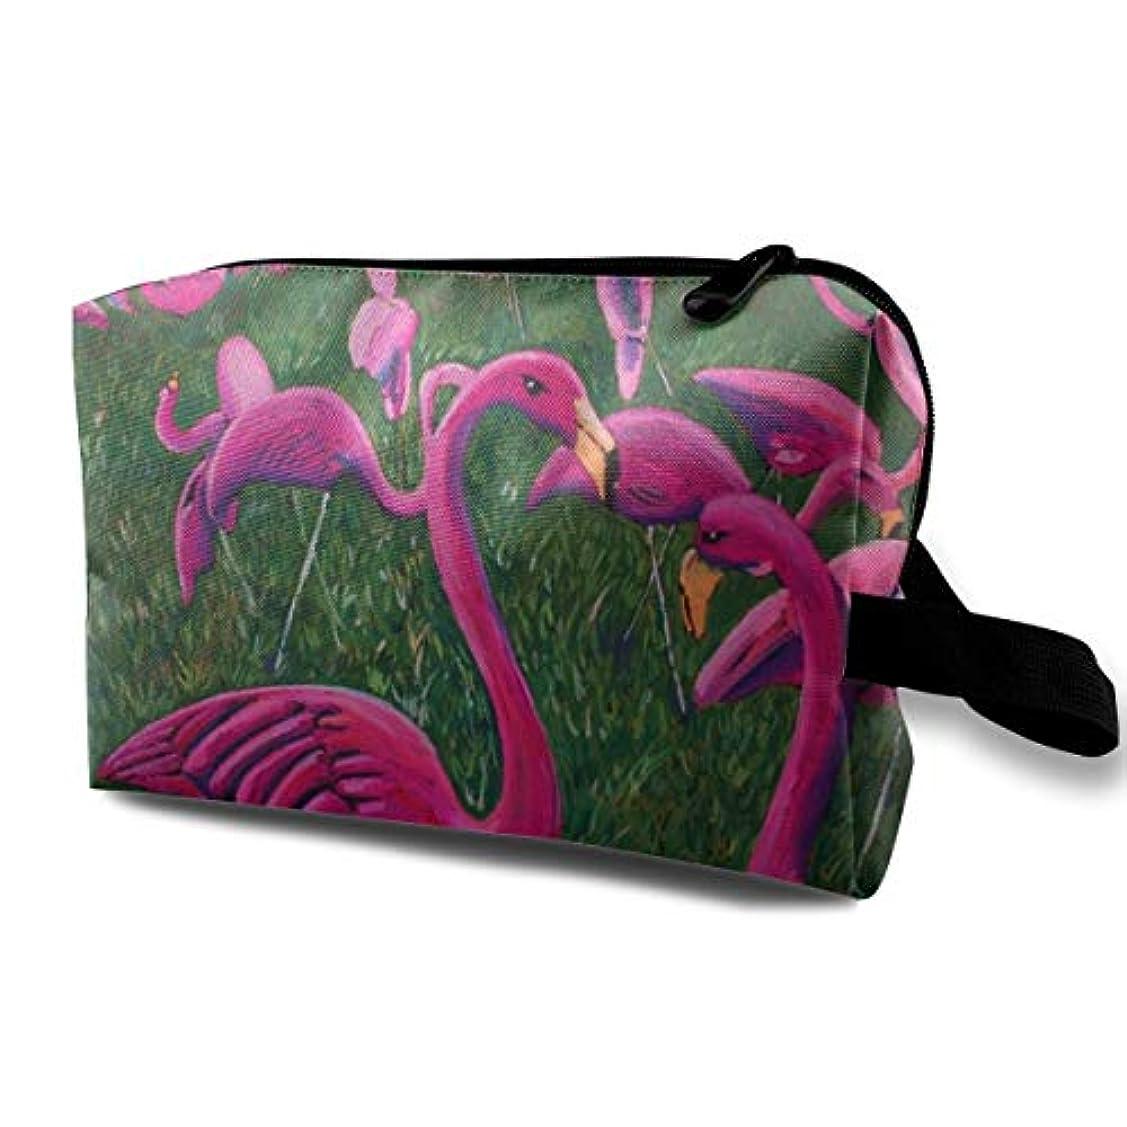 分割追う煩わしいPink Flamingo Painting 収納ポーチ 化粧ポーチ 大容量 軽量 耐久性 ハンドル付持ち運び便利。入れ 自宅?出張?旅行?アウトドア撮影などに対応。メンズ レディース トラベルグッズ